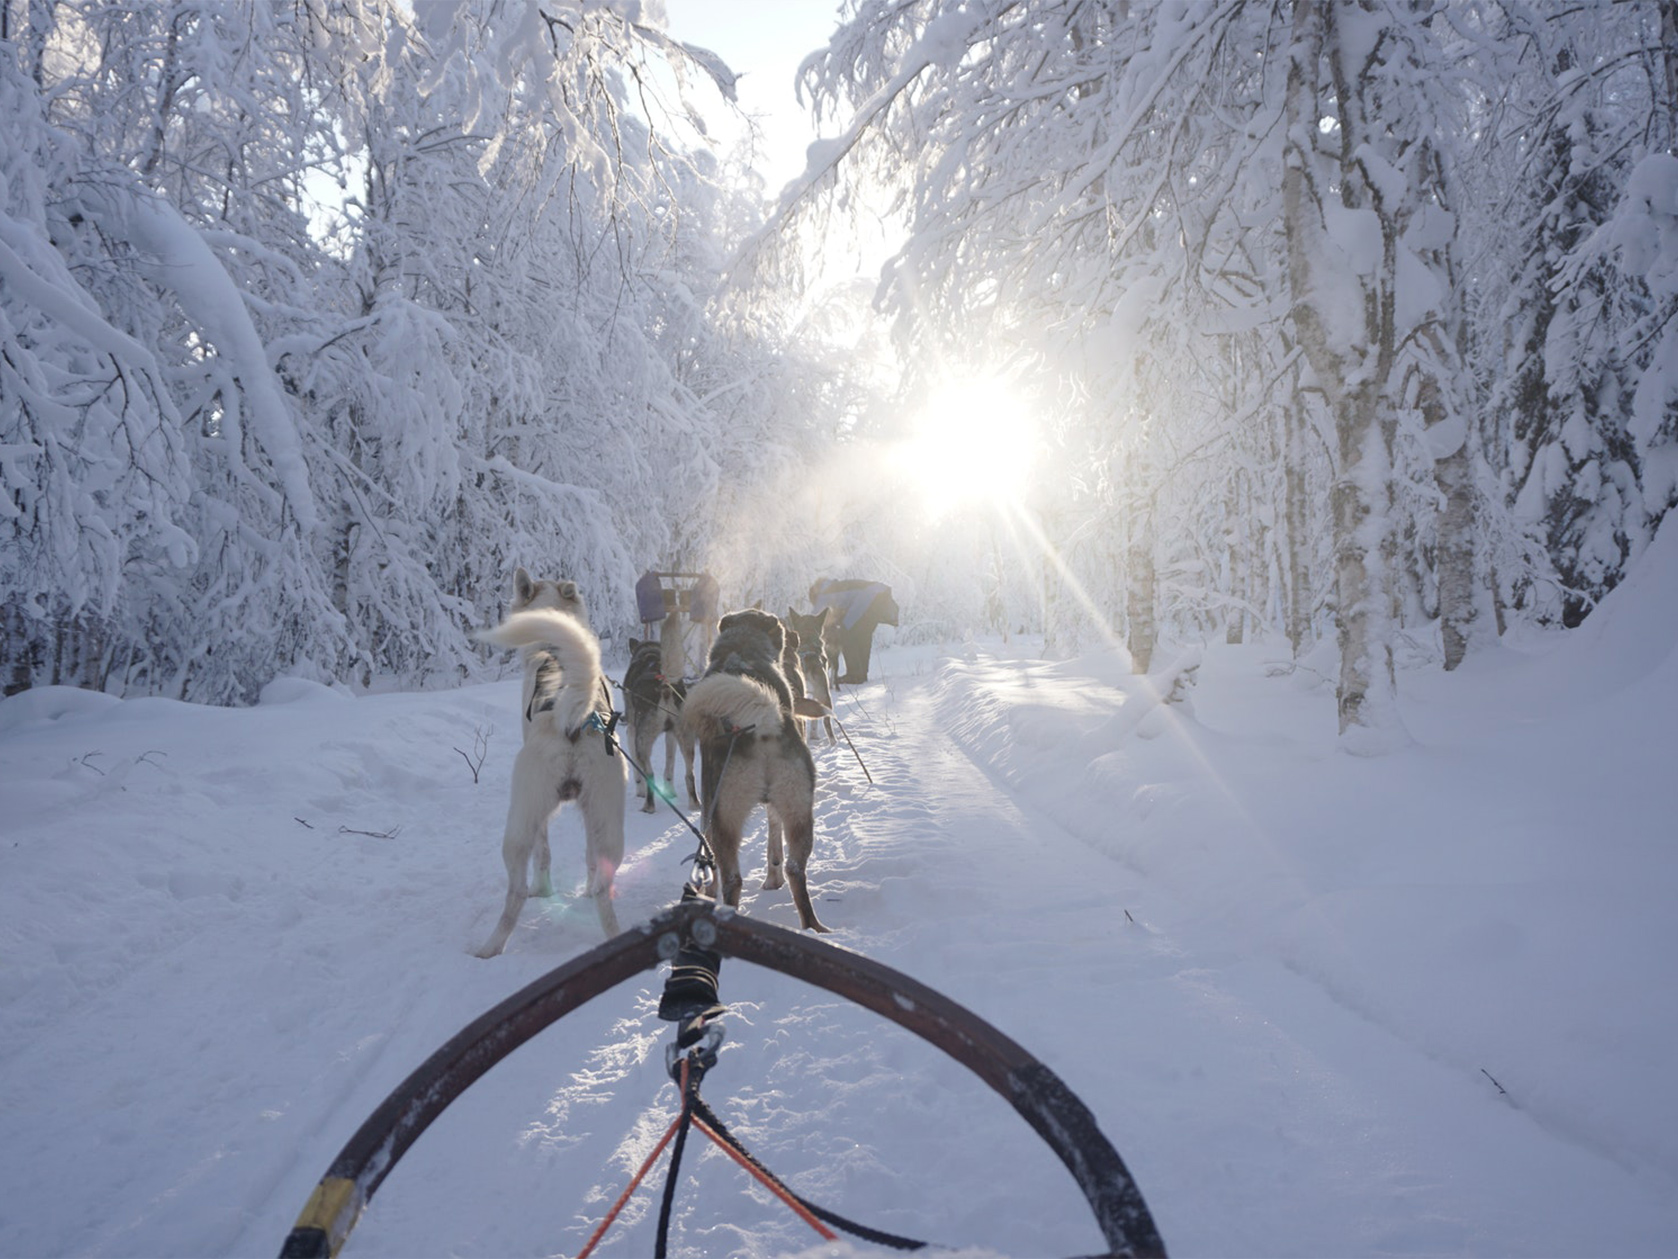 wintertour_3dayhuskytour_1